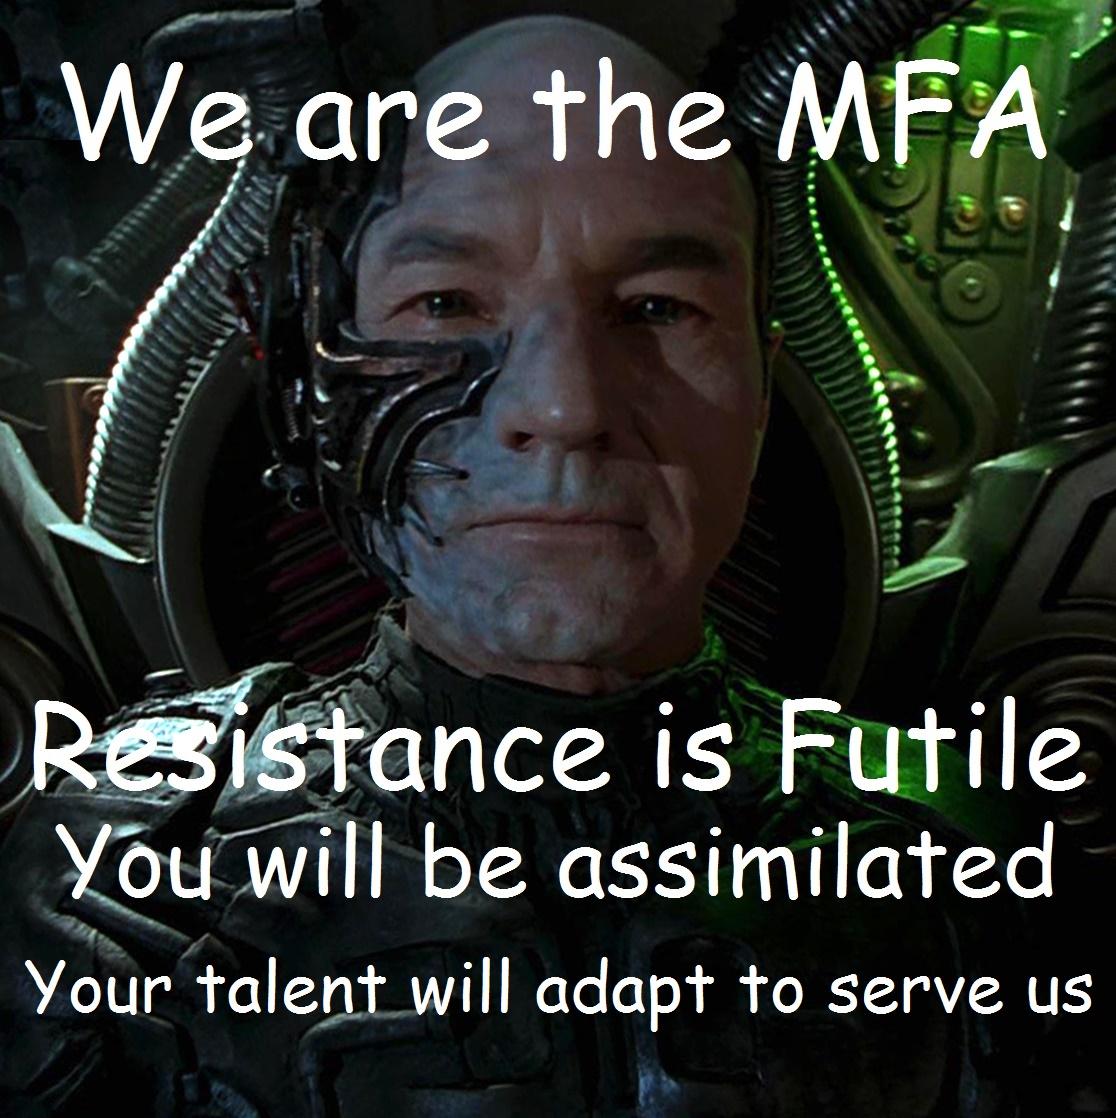 MFA Borg